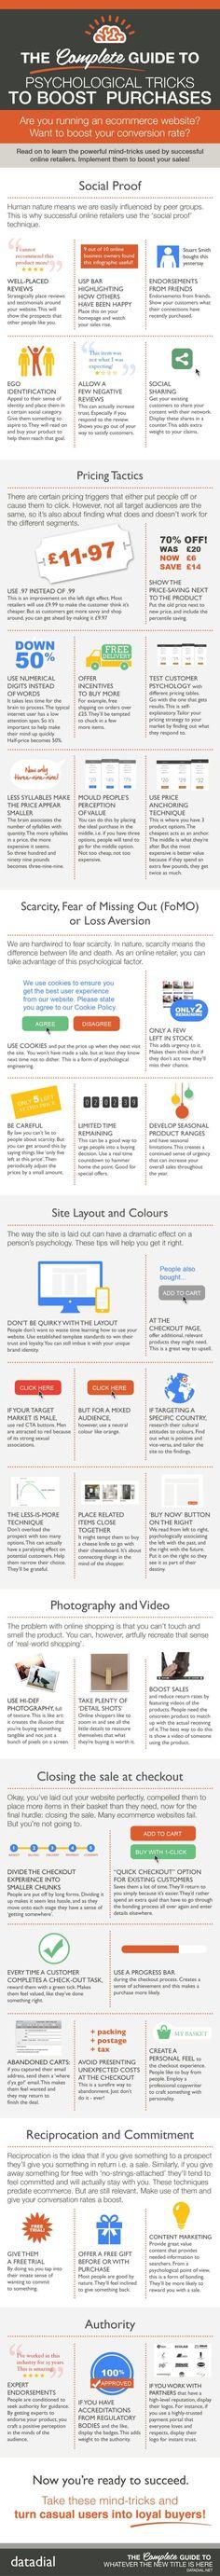 Eine komplette Anleitung um mit psychologischen Tricks der Verkaufserfolg zu steigern The Complete Guide to Psychological Tricks to Boost Purchases